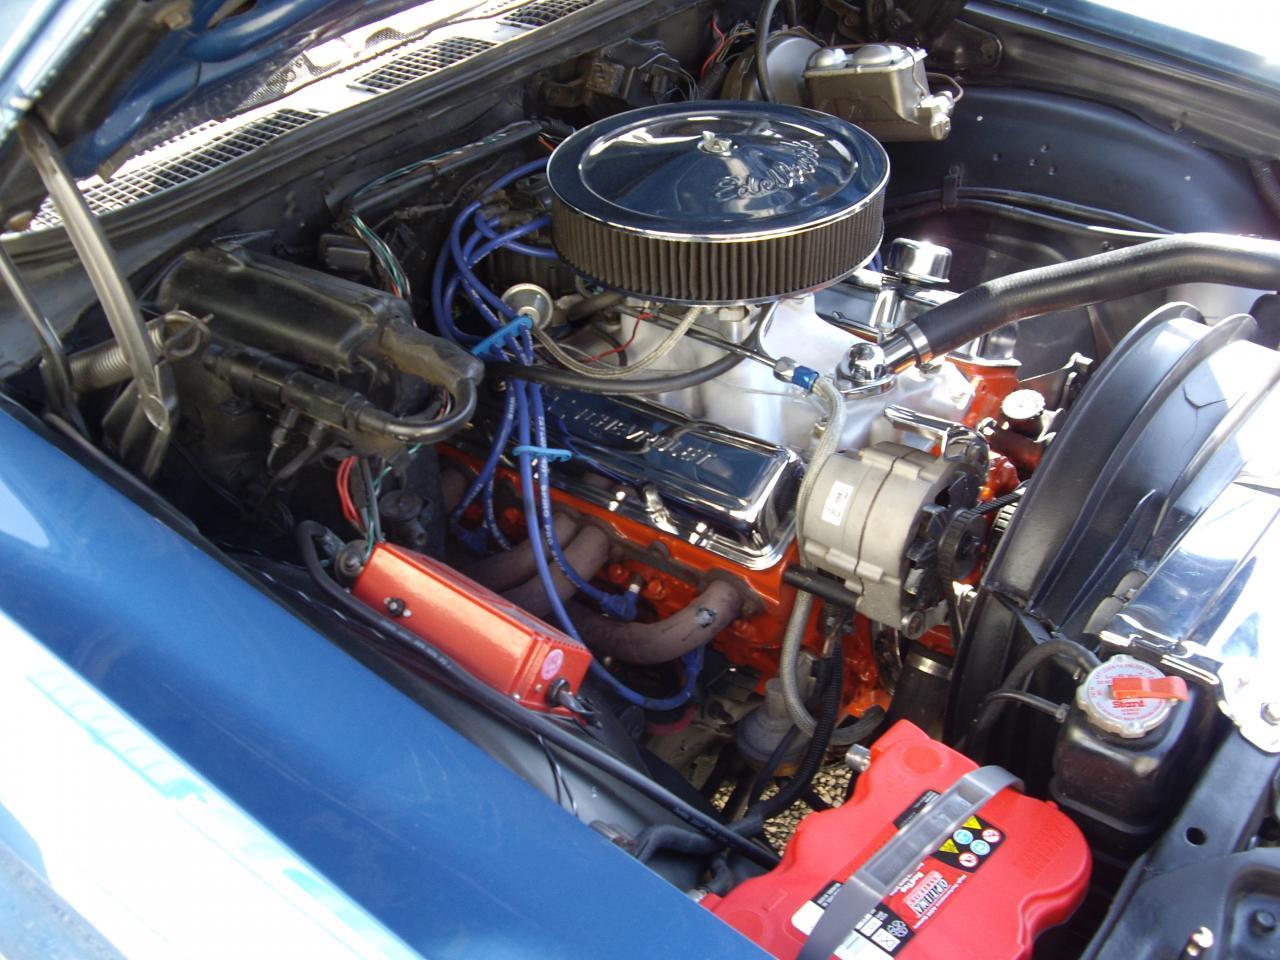 Chevy 383 ci  stroker